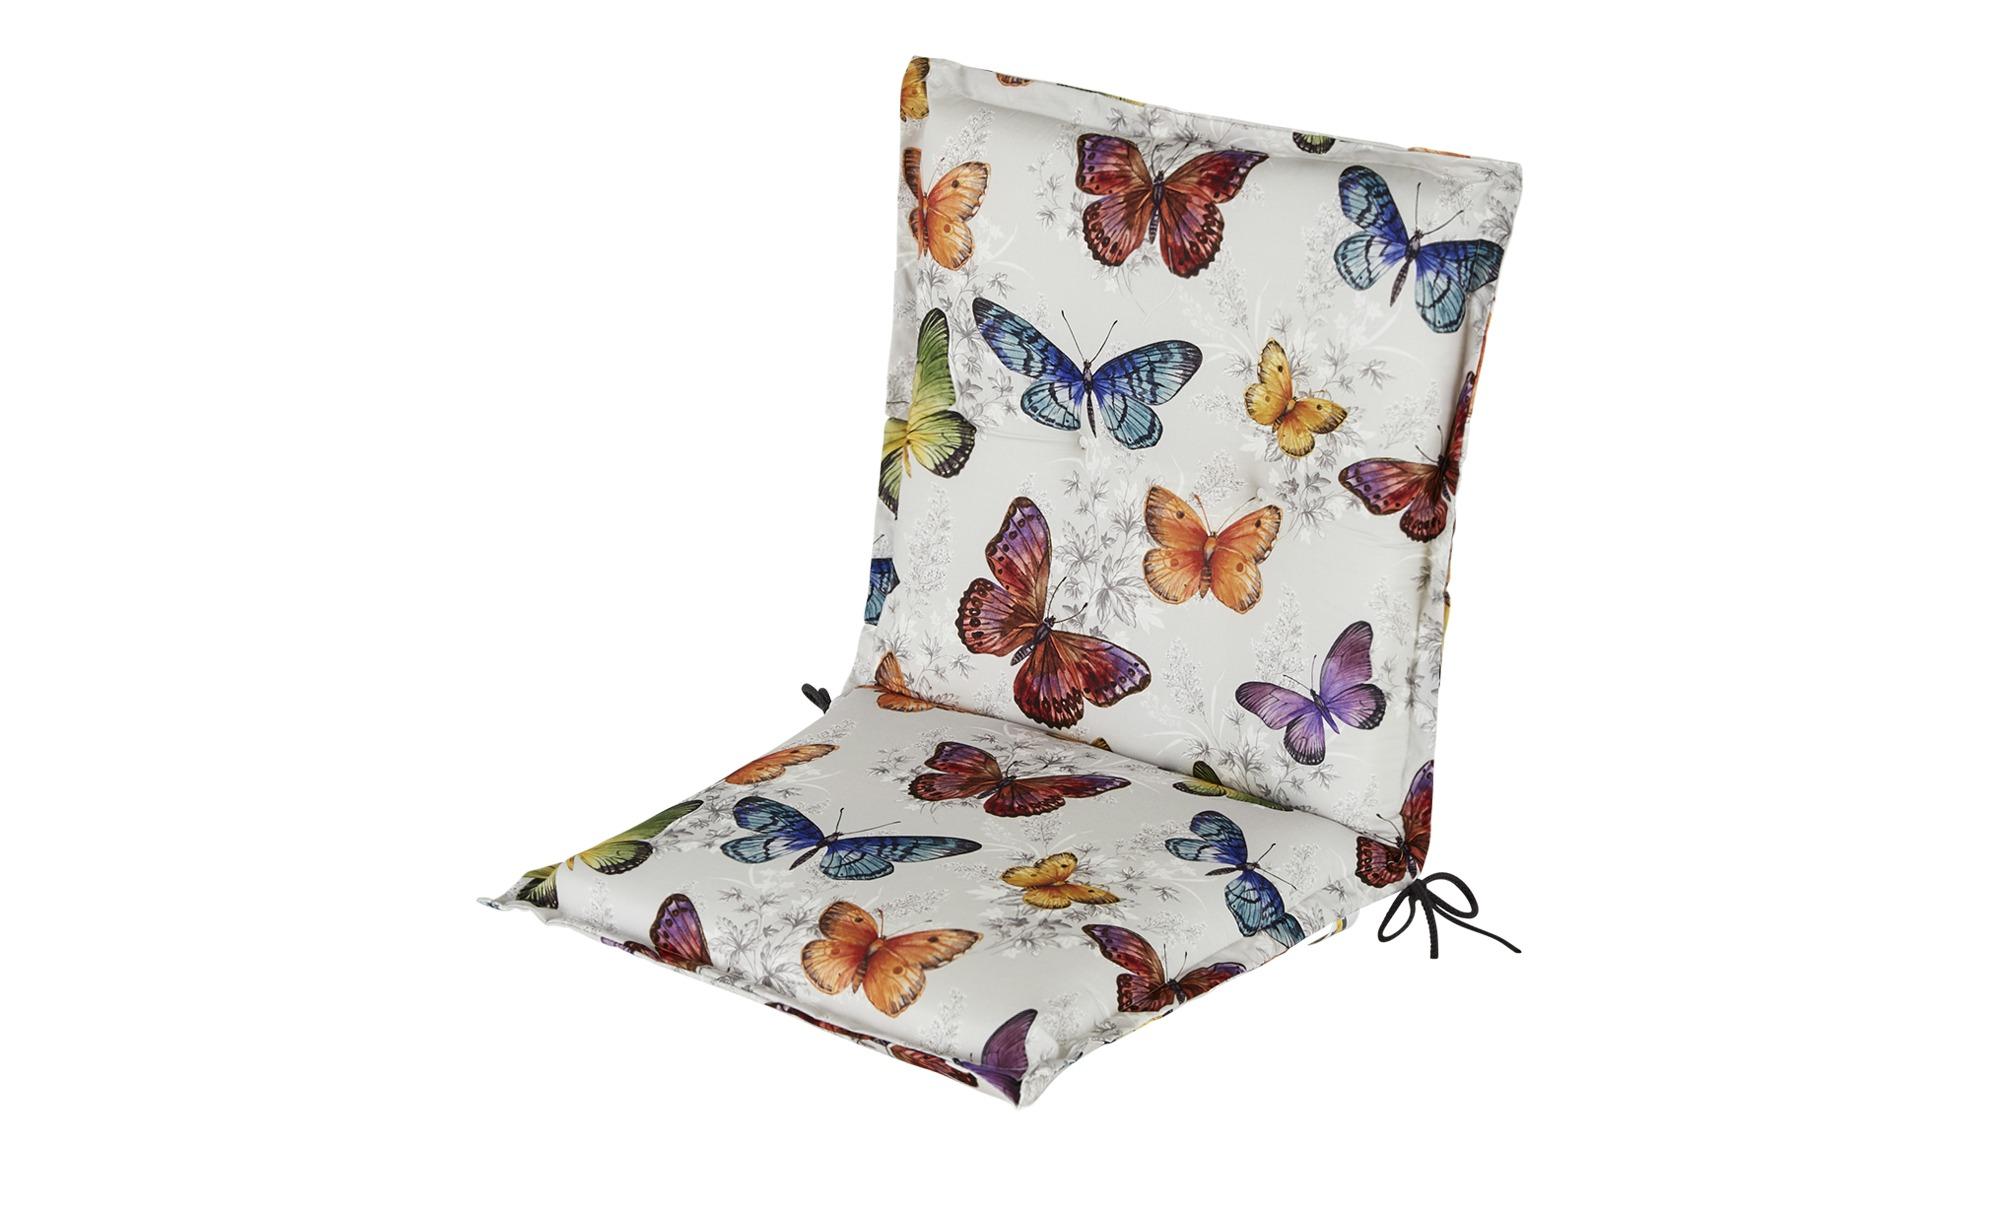 Schwienhorst Auflage   Butterfly ¦ mehrfarbig ¦ Maße (cm): B: 50 H: 9 Garten > Auflagen & Kissen > Niederlehner-Auflagen - Höffner | Garten > Gartenmöbel > Sitzauflagen | Möbel Höffner DE